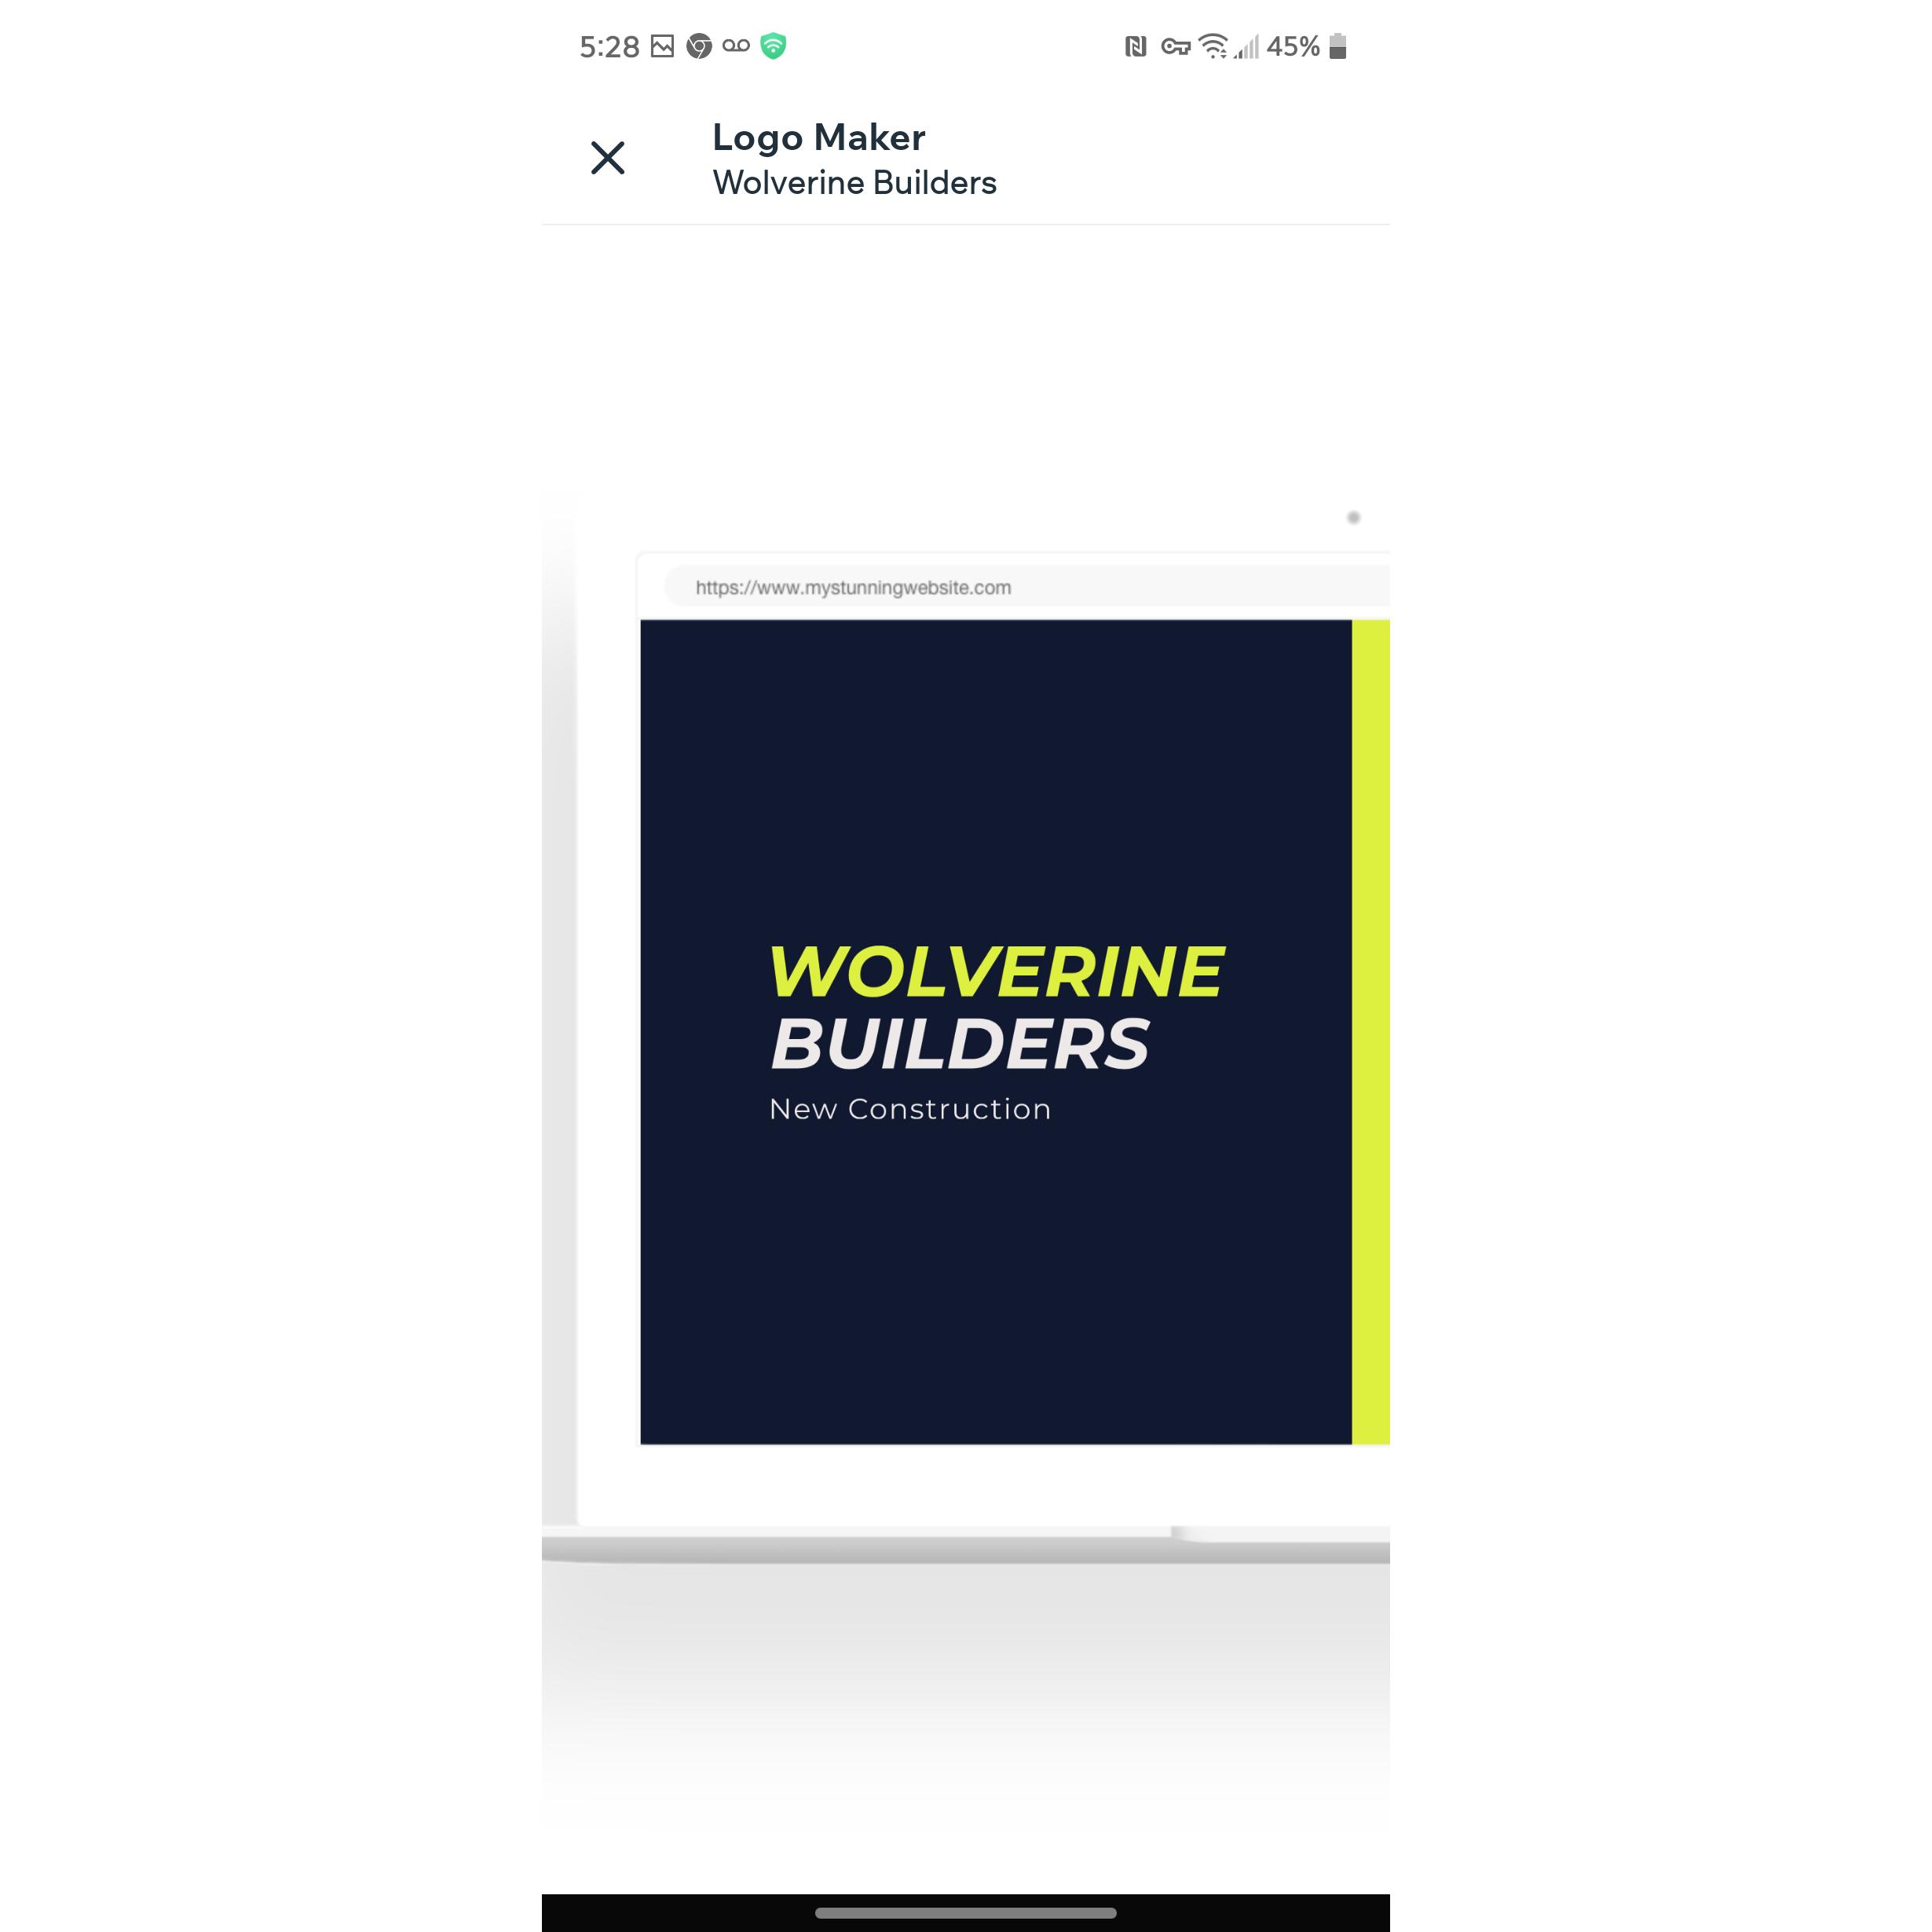 Wolverine Builders LLC.